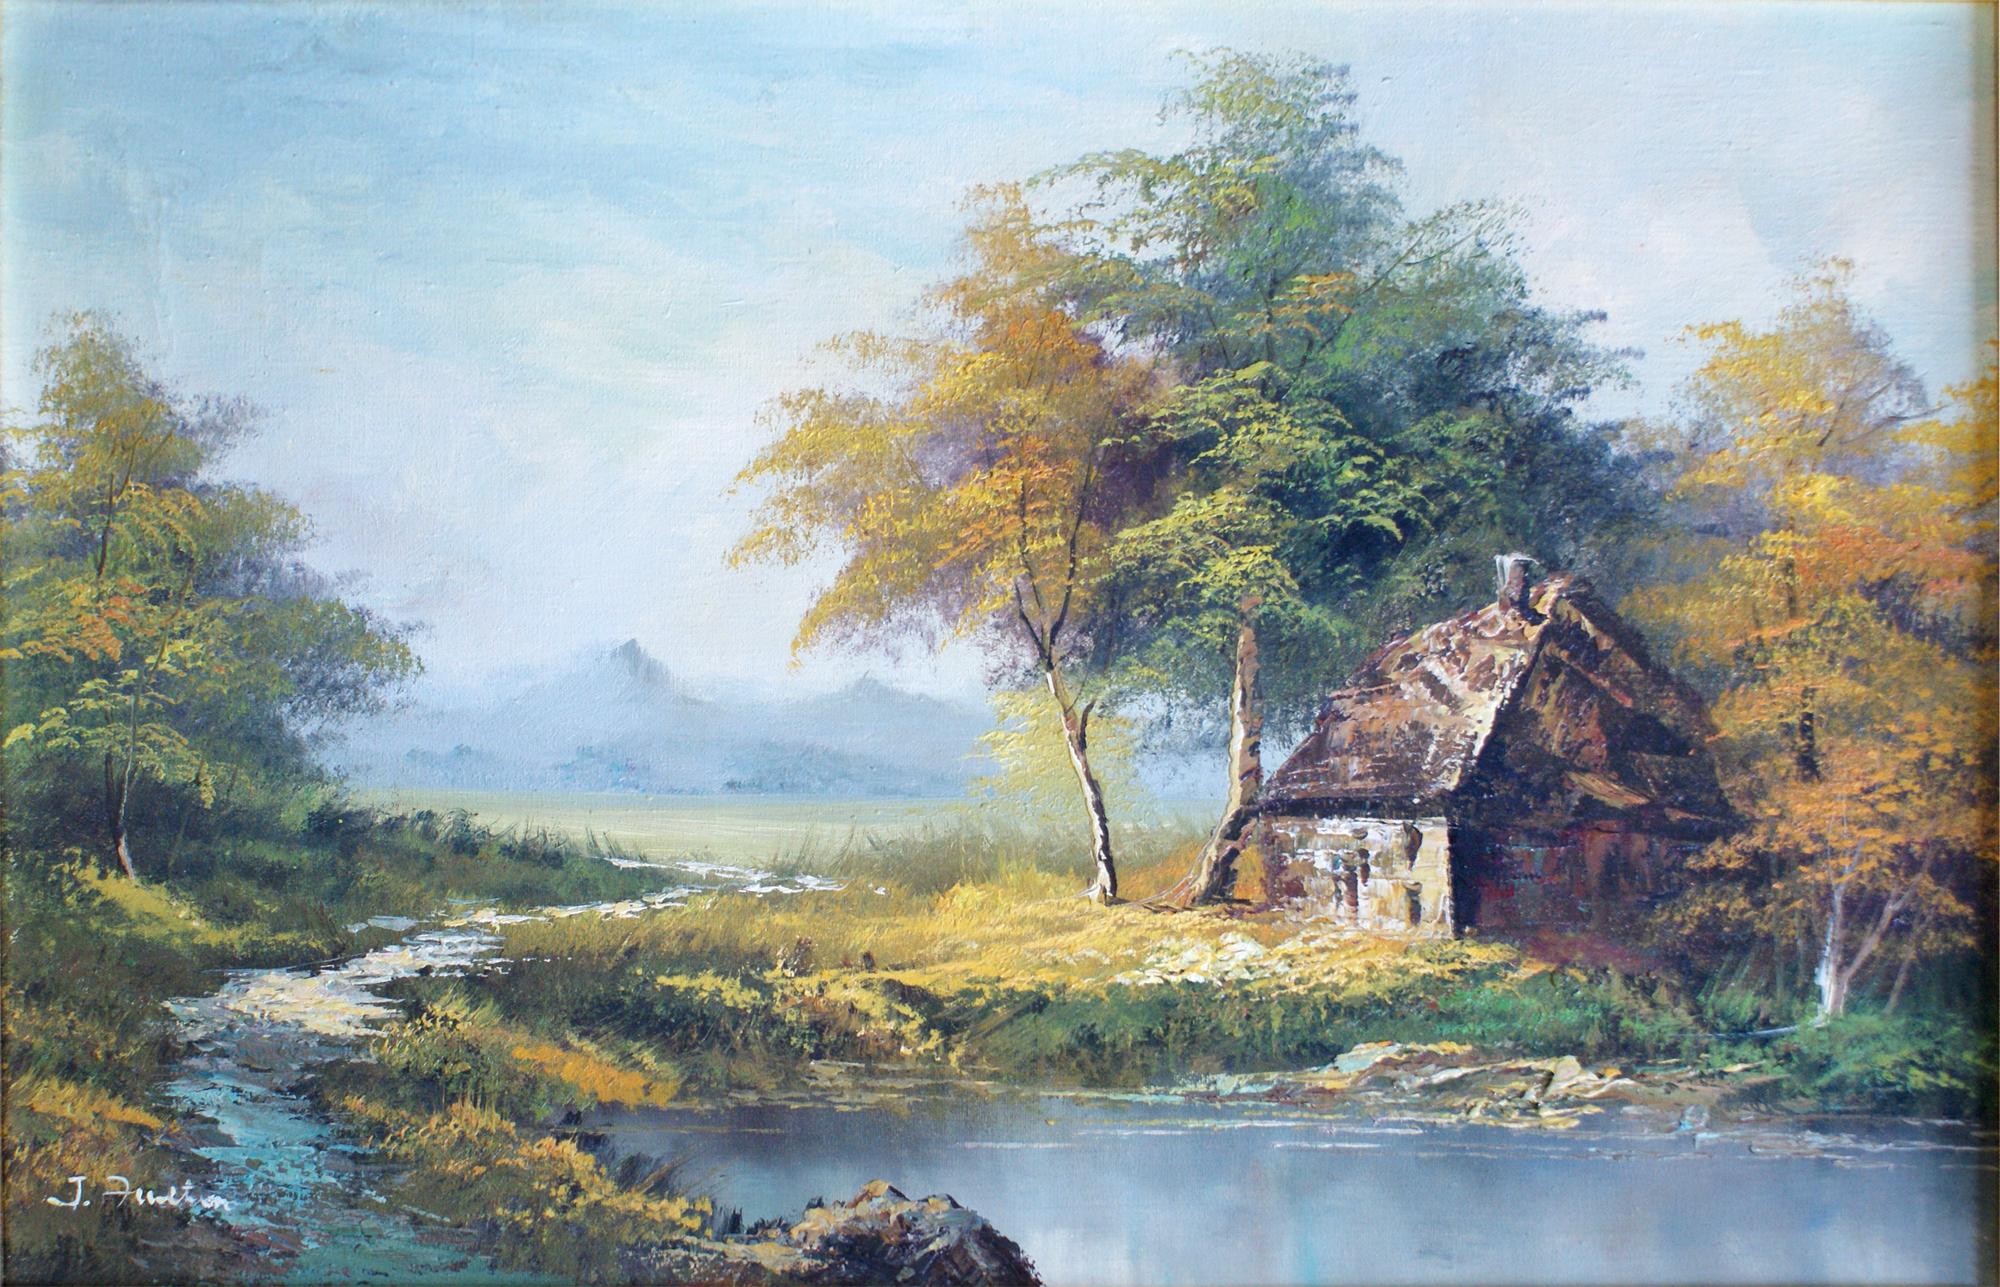 Unknown Landscape by J. Fulton (?).jpg